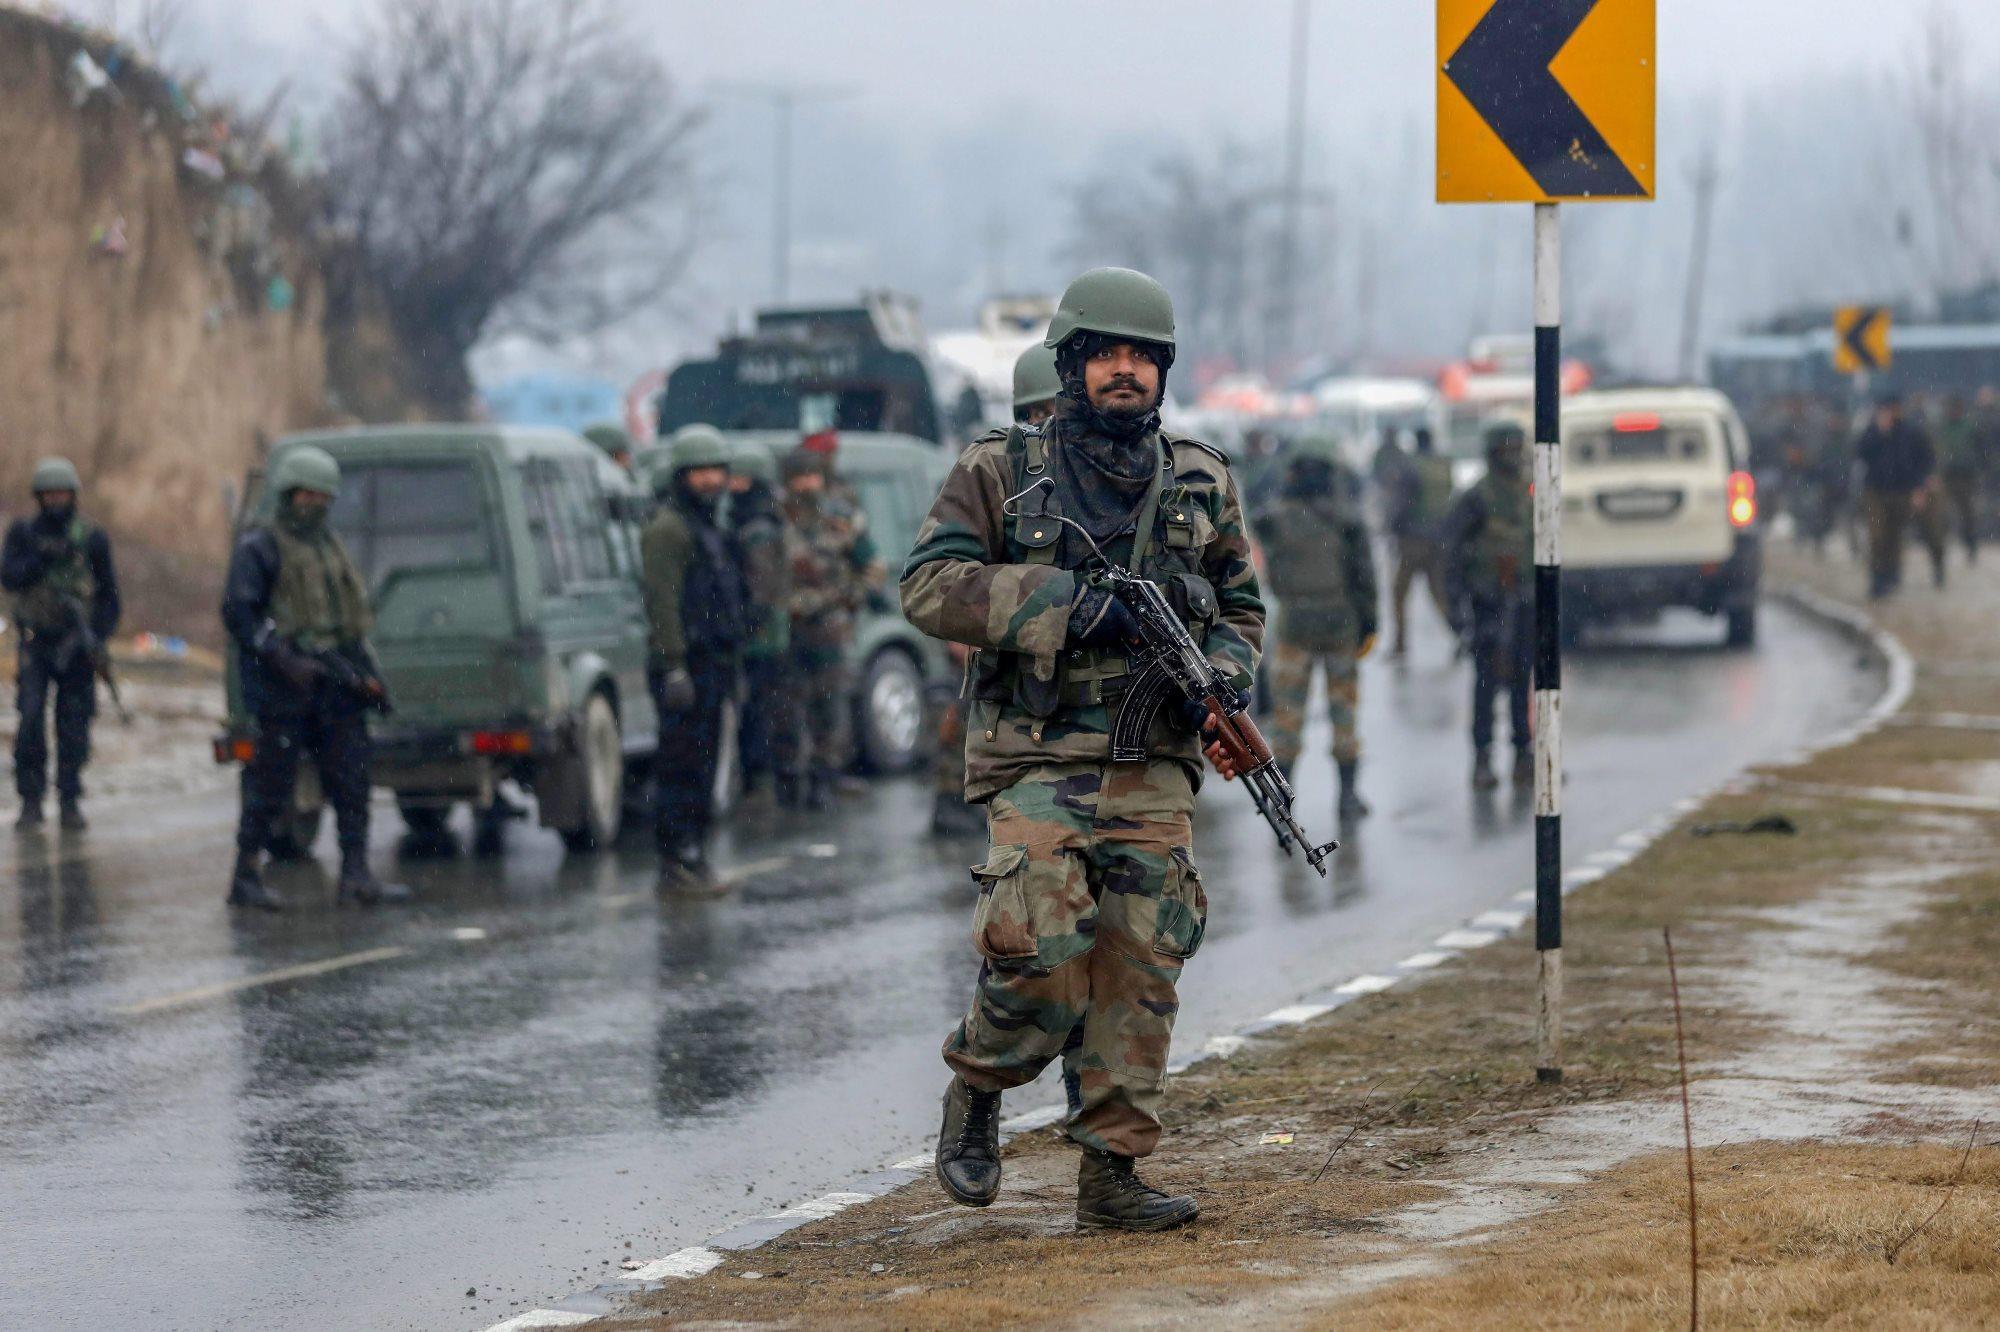 اونتی پور میں دہشت گردانہ حملے کے بعد تعینات ہندوستانی فوجی (فوٹو: پی ٹی آئی)